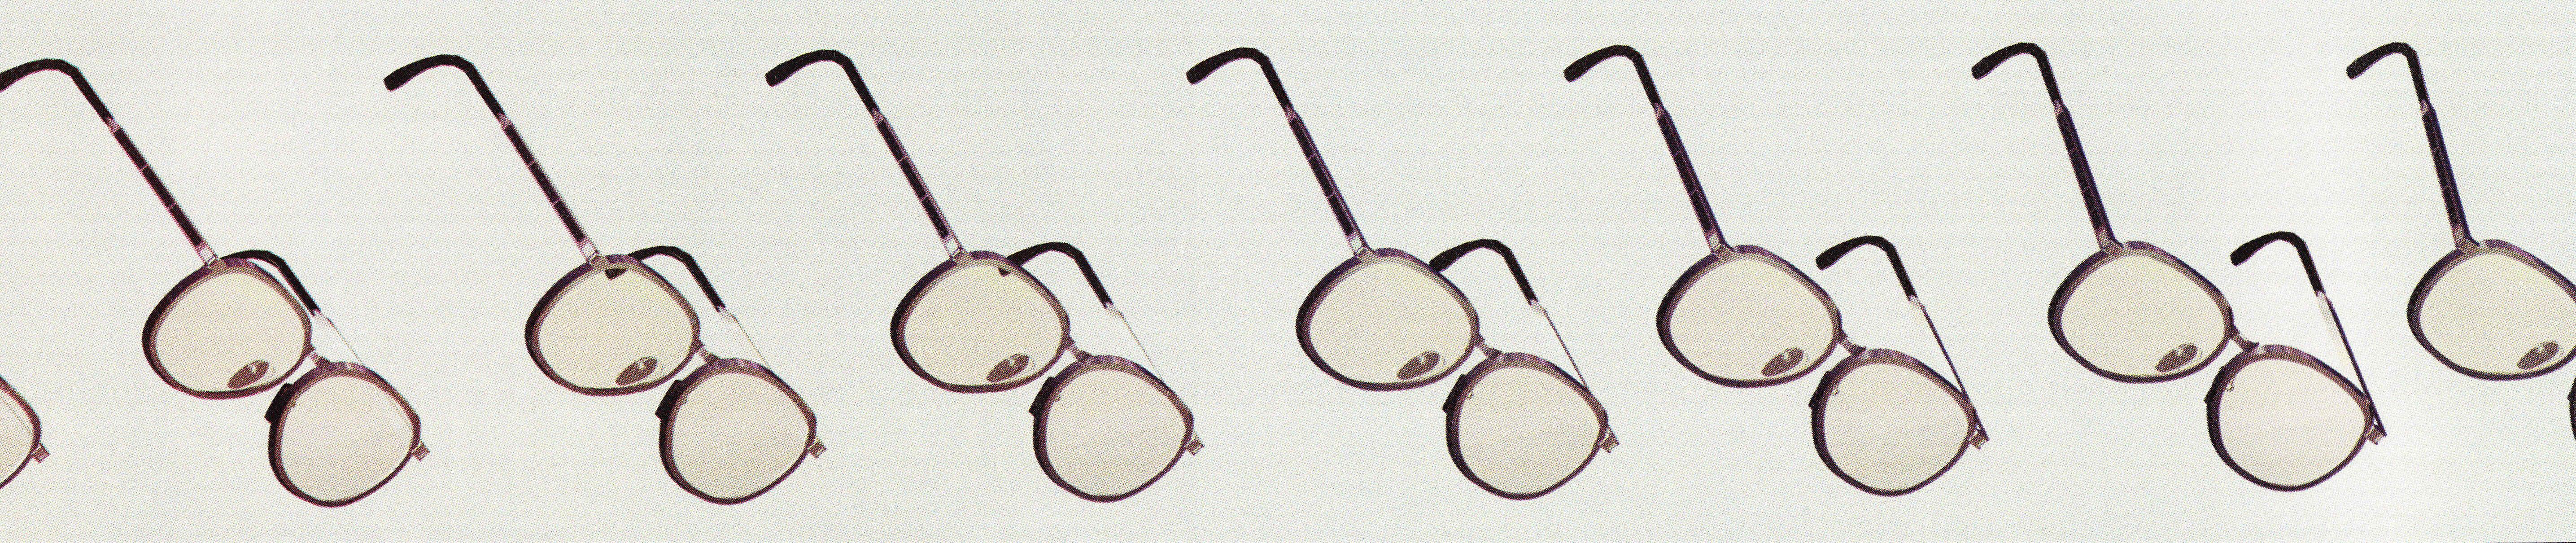 Gimnasia ocular 2